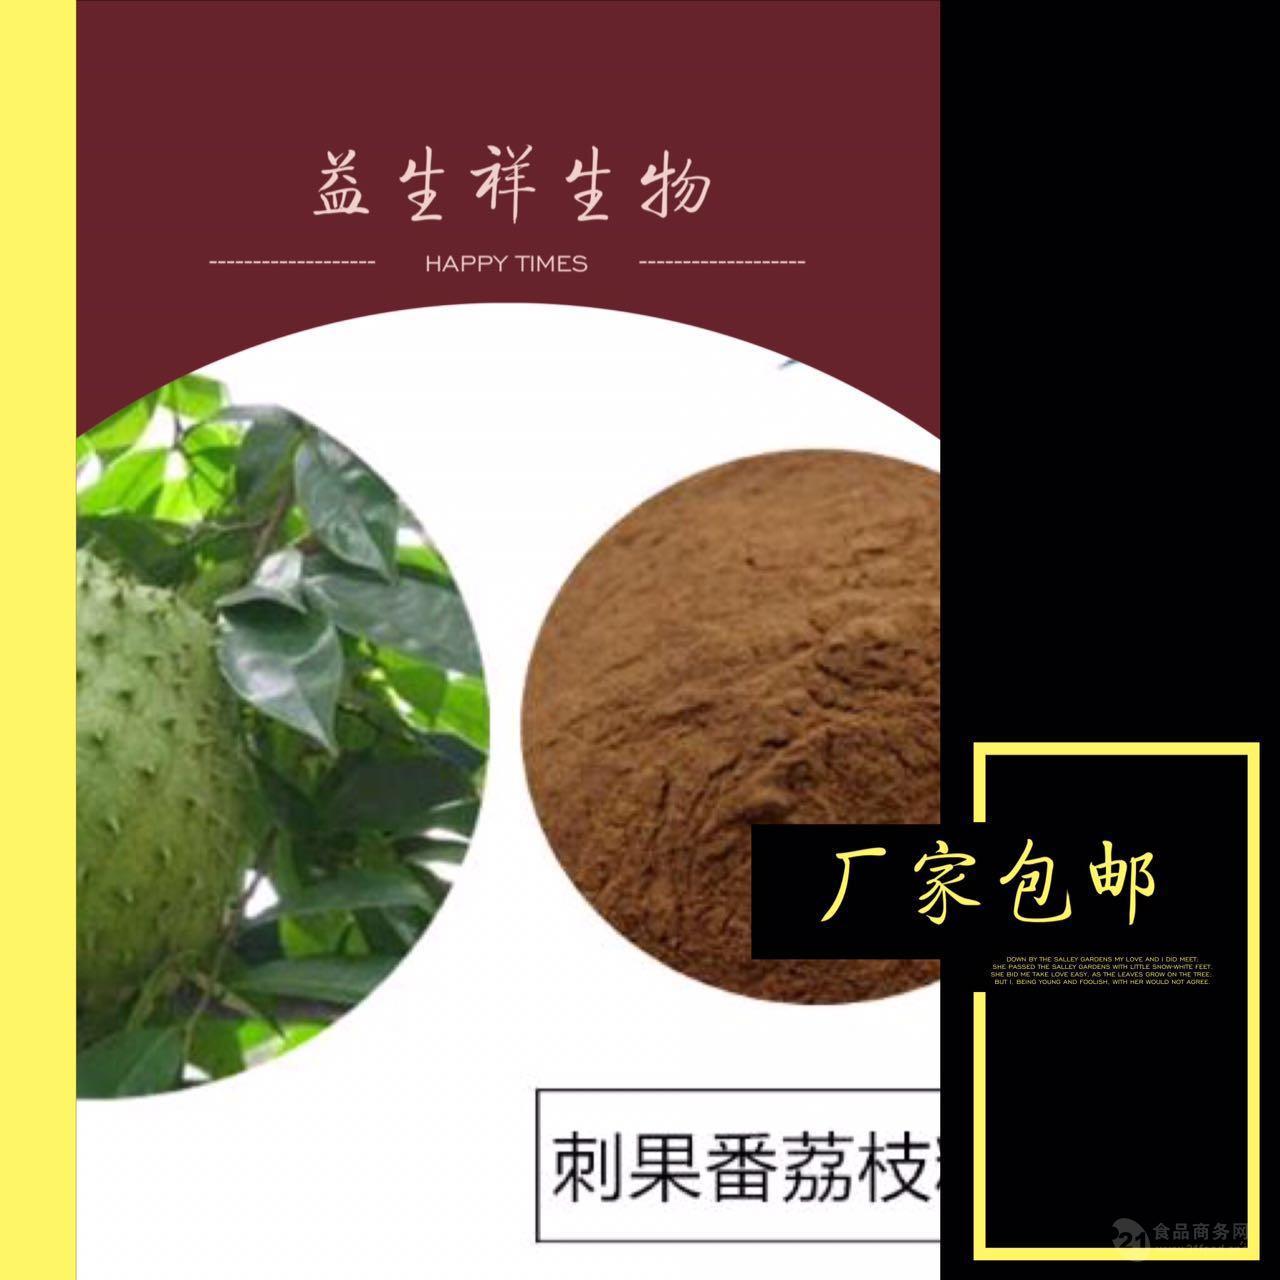 刺果番荔枝粉 现货包邮 1公斤铝箔袋 25kg纸板桶